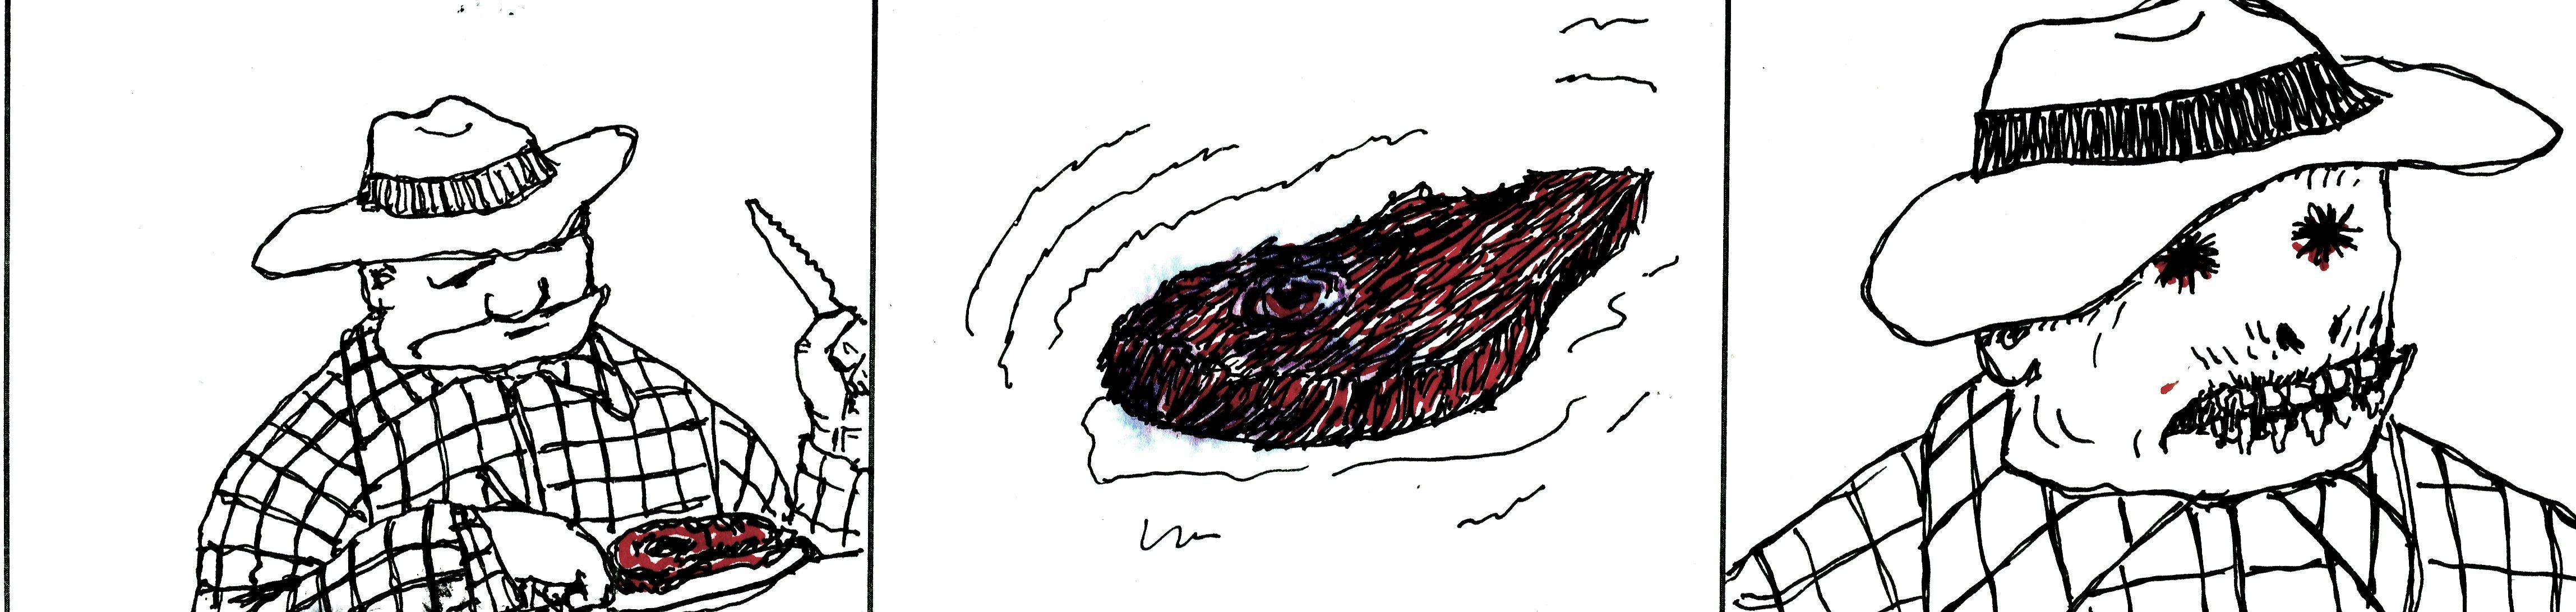 w la viande023.jpg